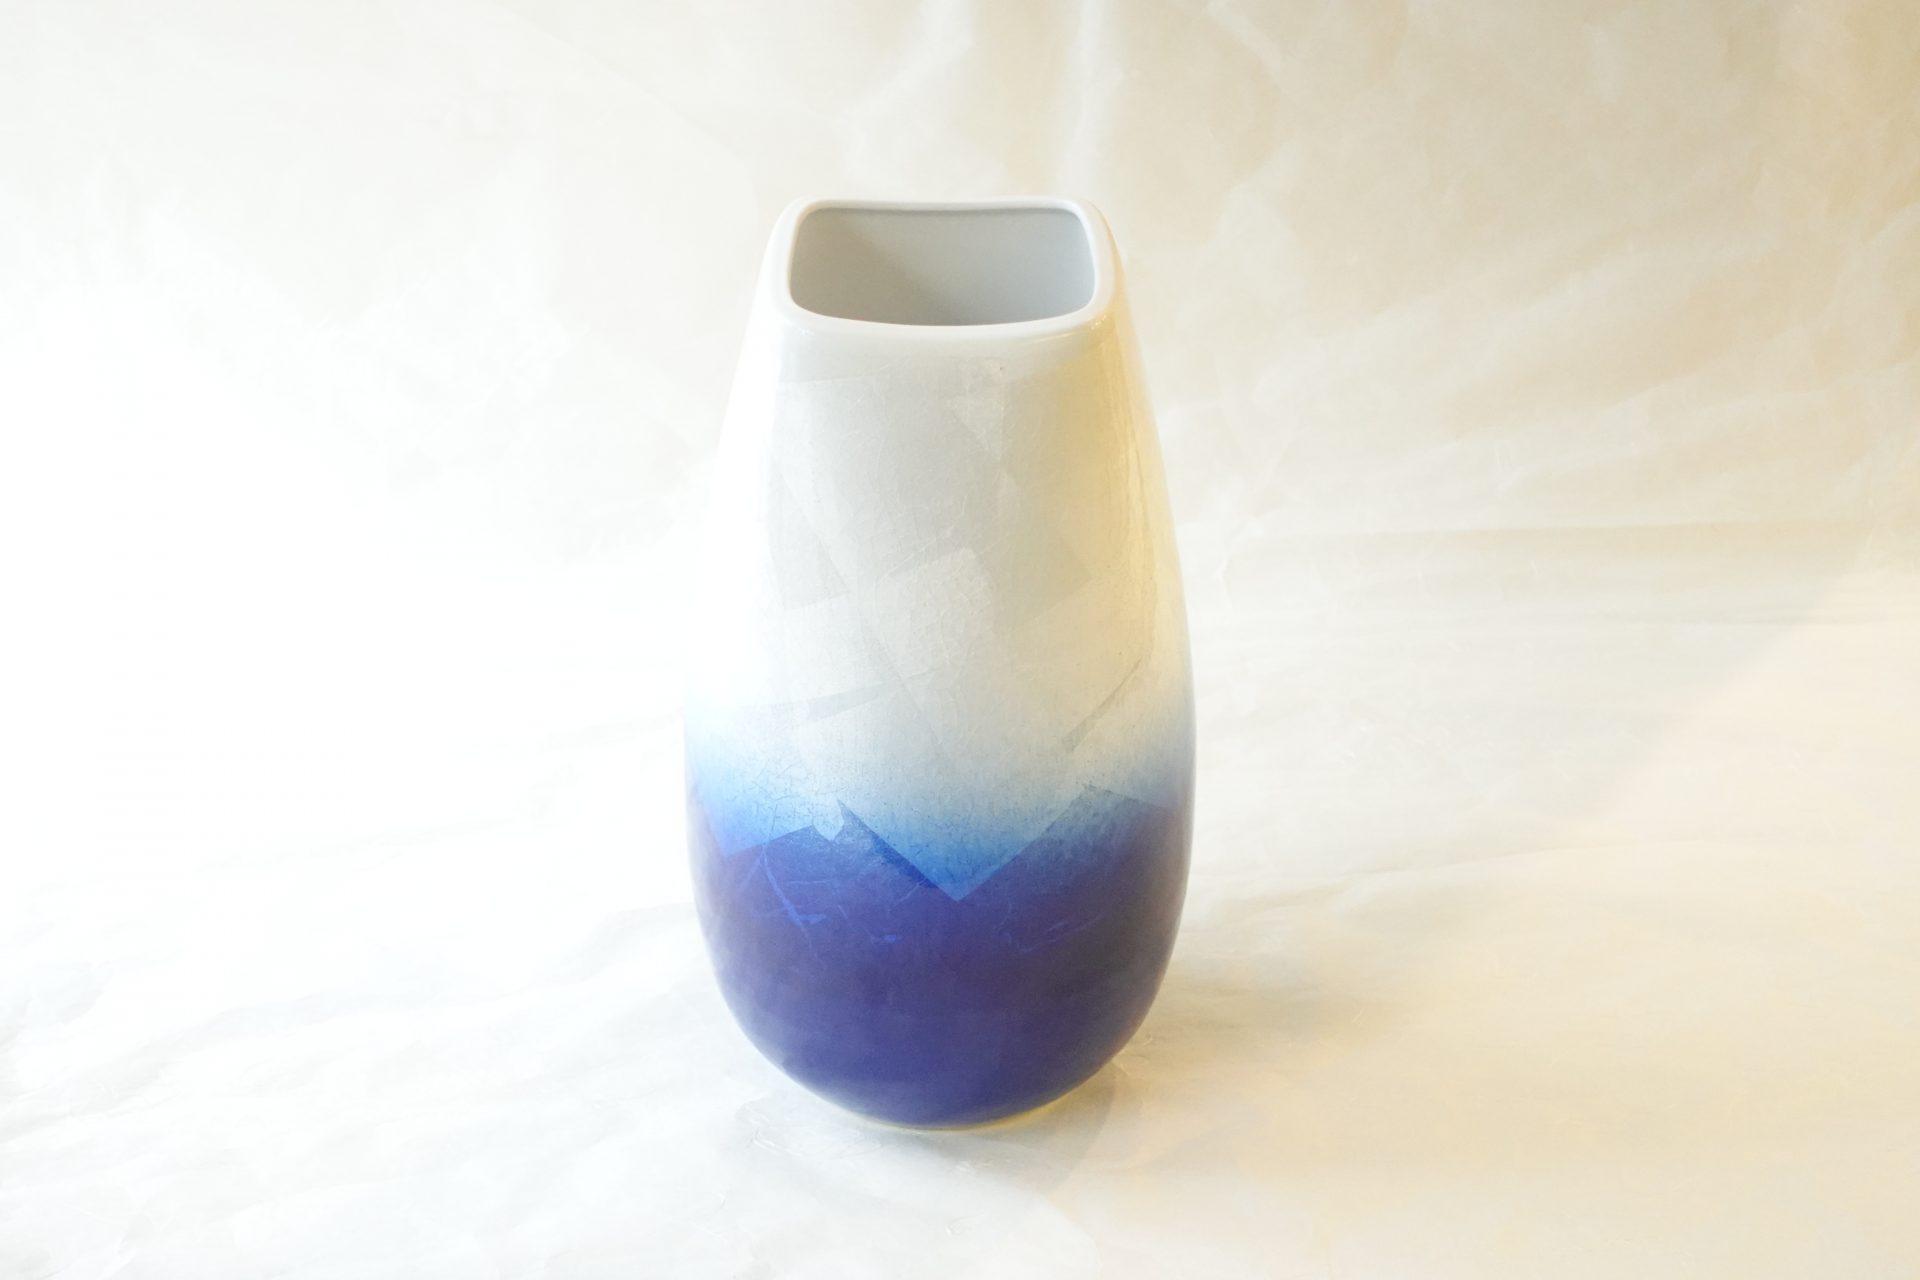 陶磁器 九谷焼 口角 ナツメ型 銀彩 花瓶 9寸 珍しい形 銀箔 美しい風合い 貫入 釉薬の細かいひび 陶器らしい表情 濃いブルー ツートンカラー 現代調のデザイン さわやか シンプル 花を引き立てる 花束 投げ入れ 花入れ